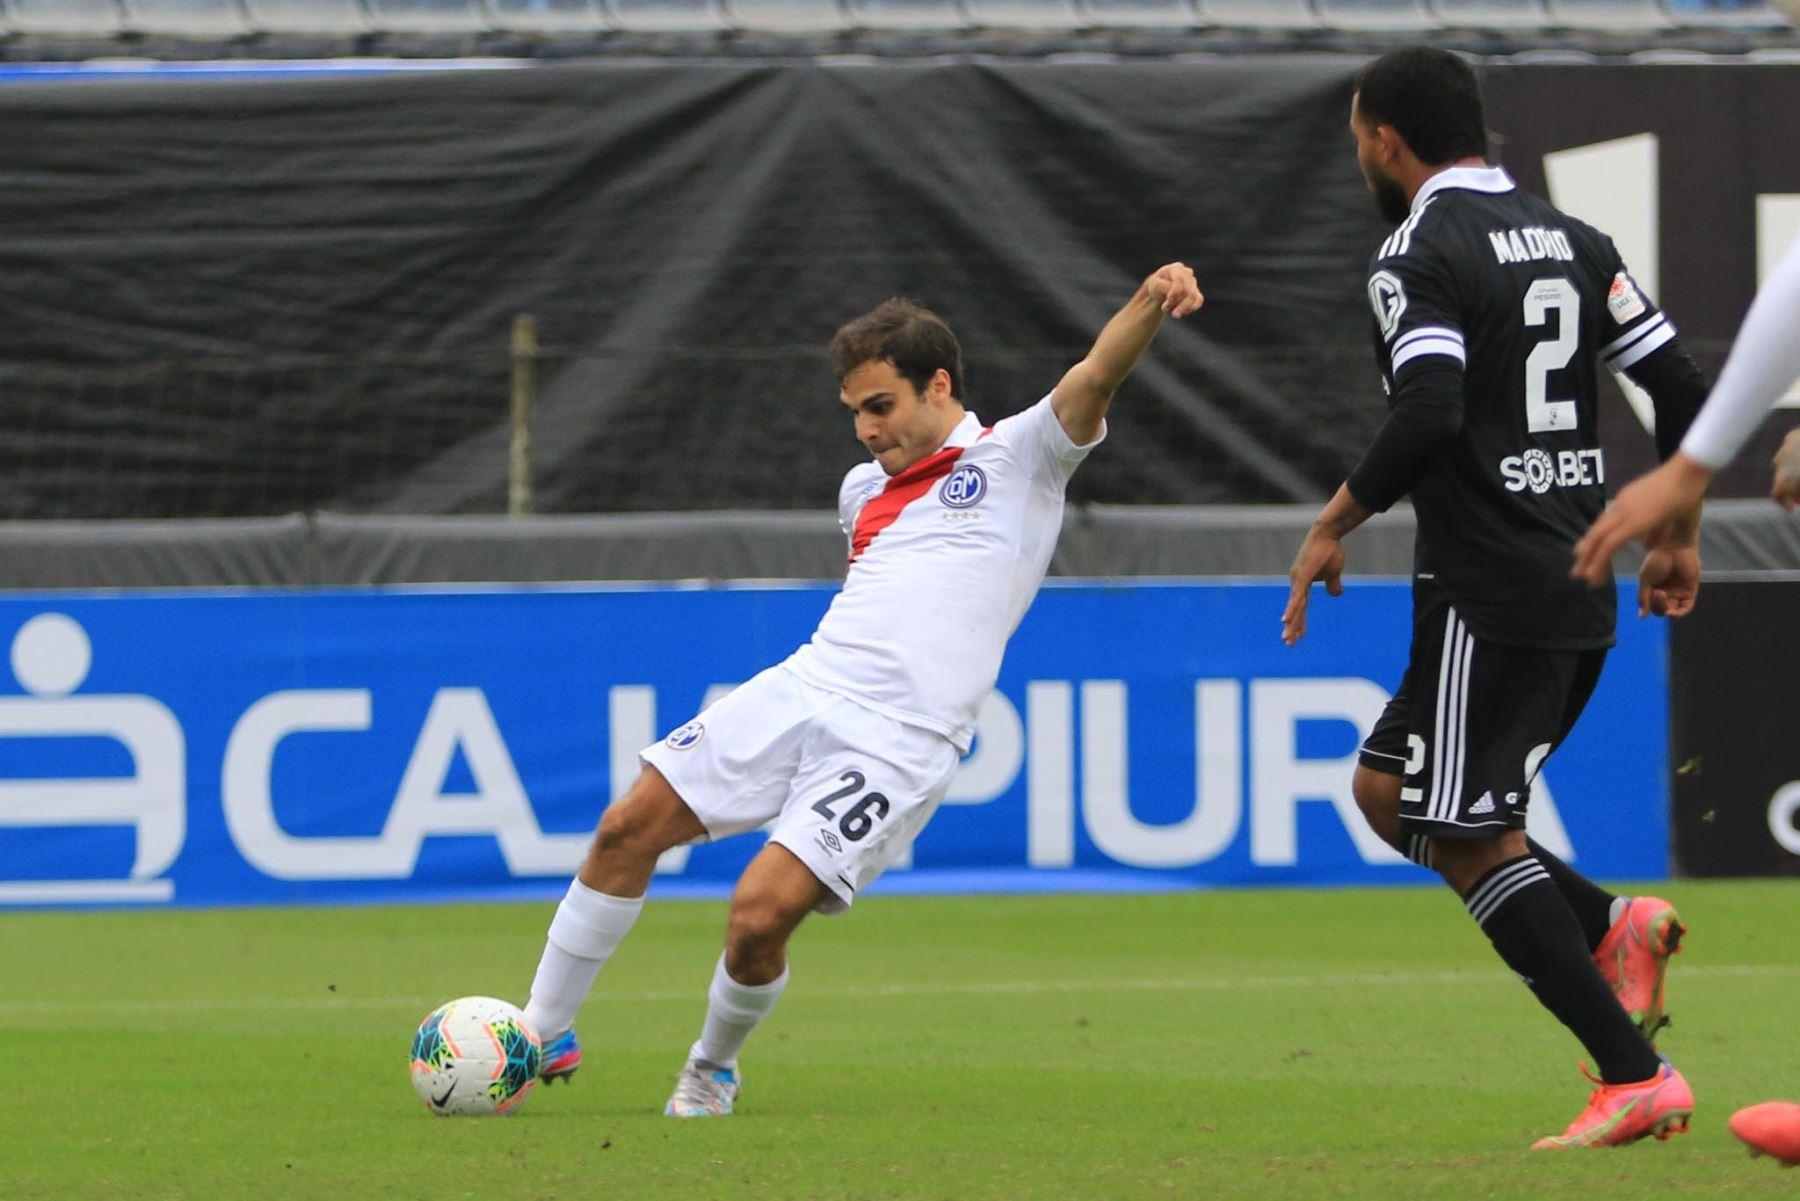 Piero Ratto del Deportivo Municipal dispara y anota ante Sporting Cristal durante partido por la tercera fecha de la Liga 1, en el estadio Alejandro Villanueva. Foto: Liga 1